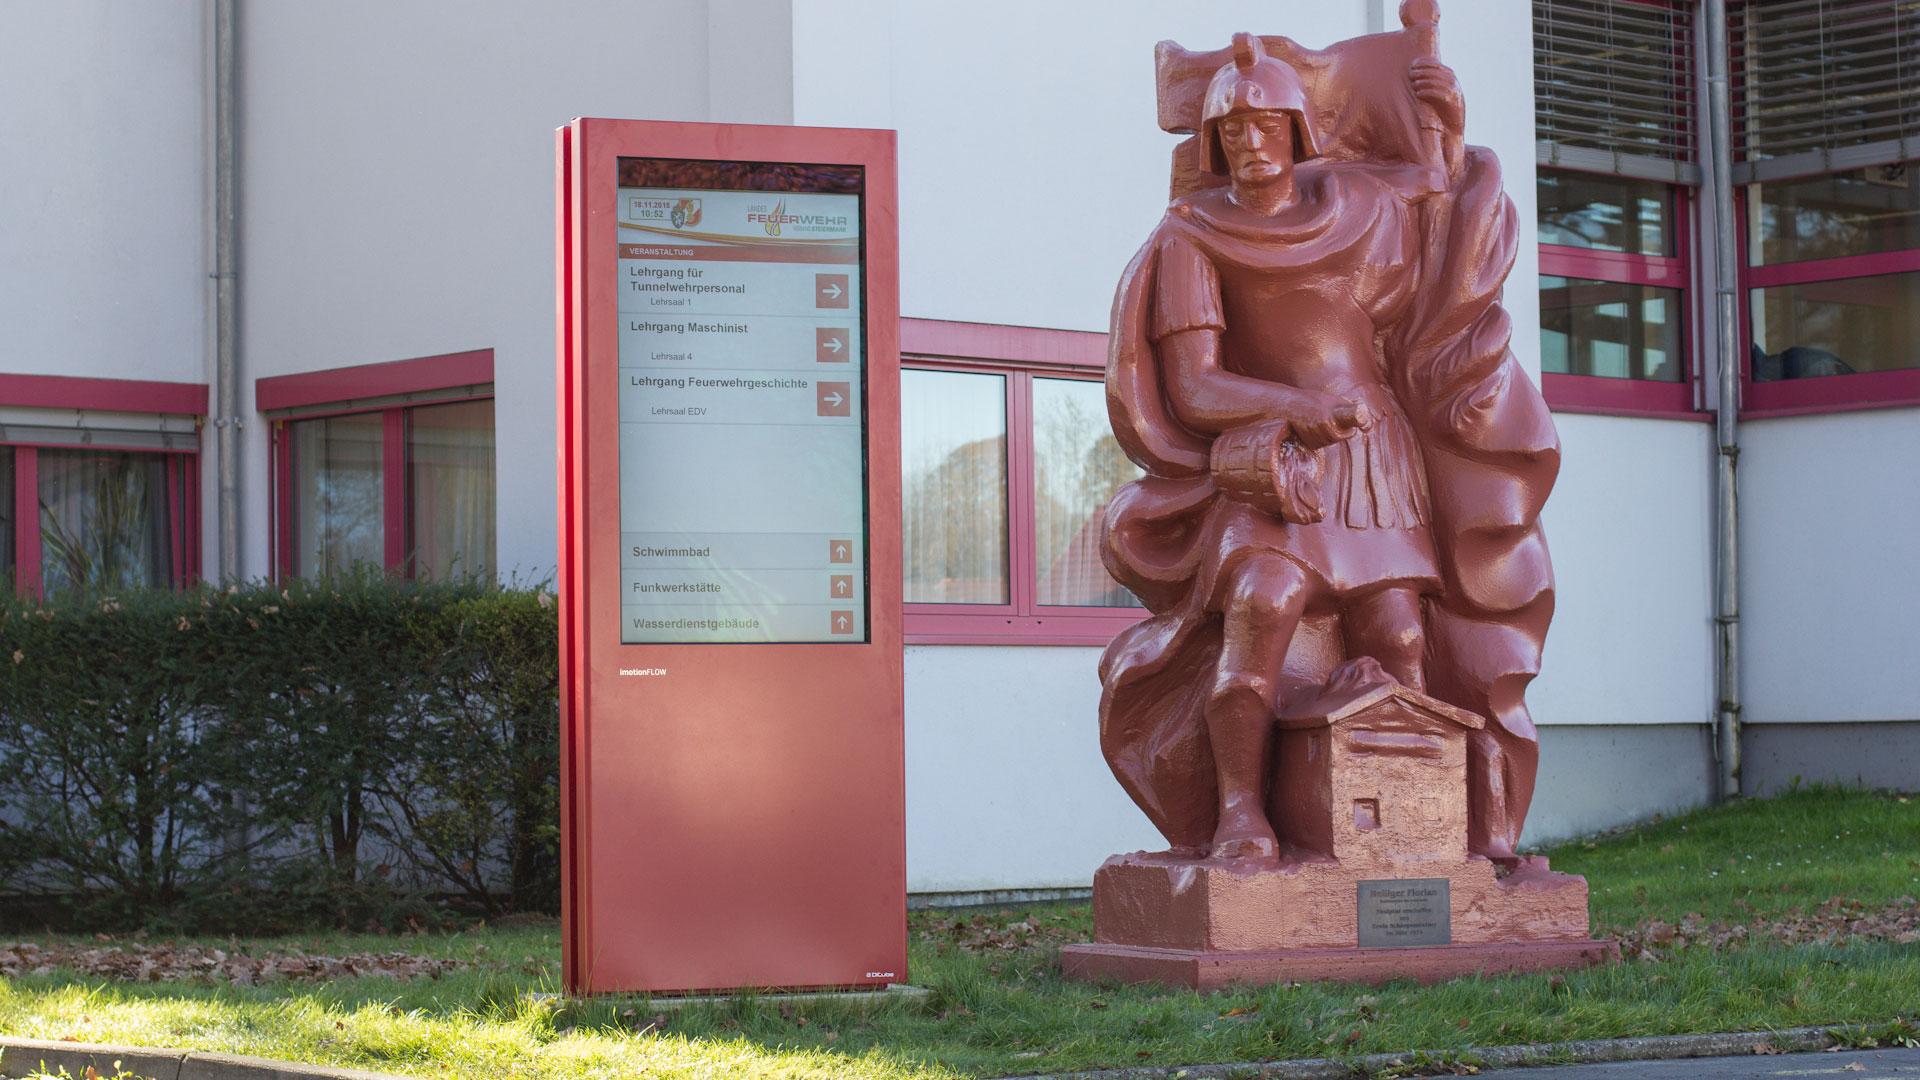 Landesfeuerwehrschule Wegeleitsystem Outdoor